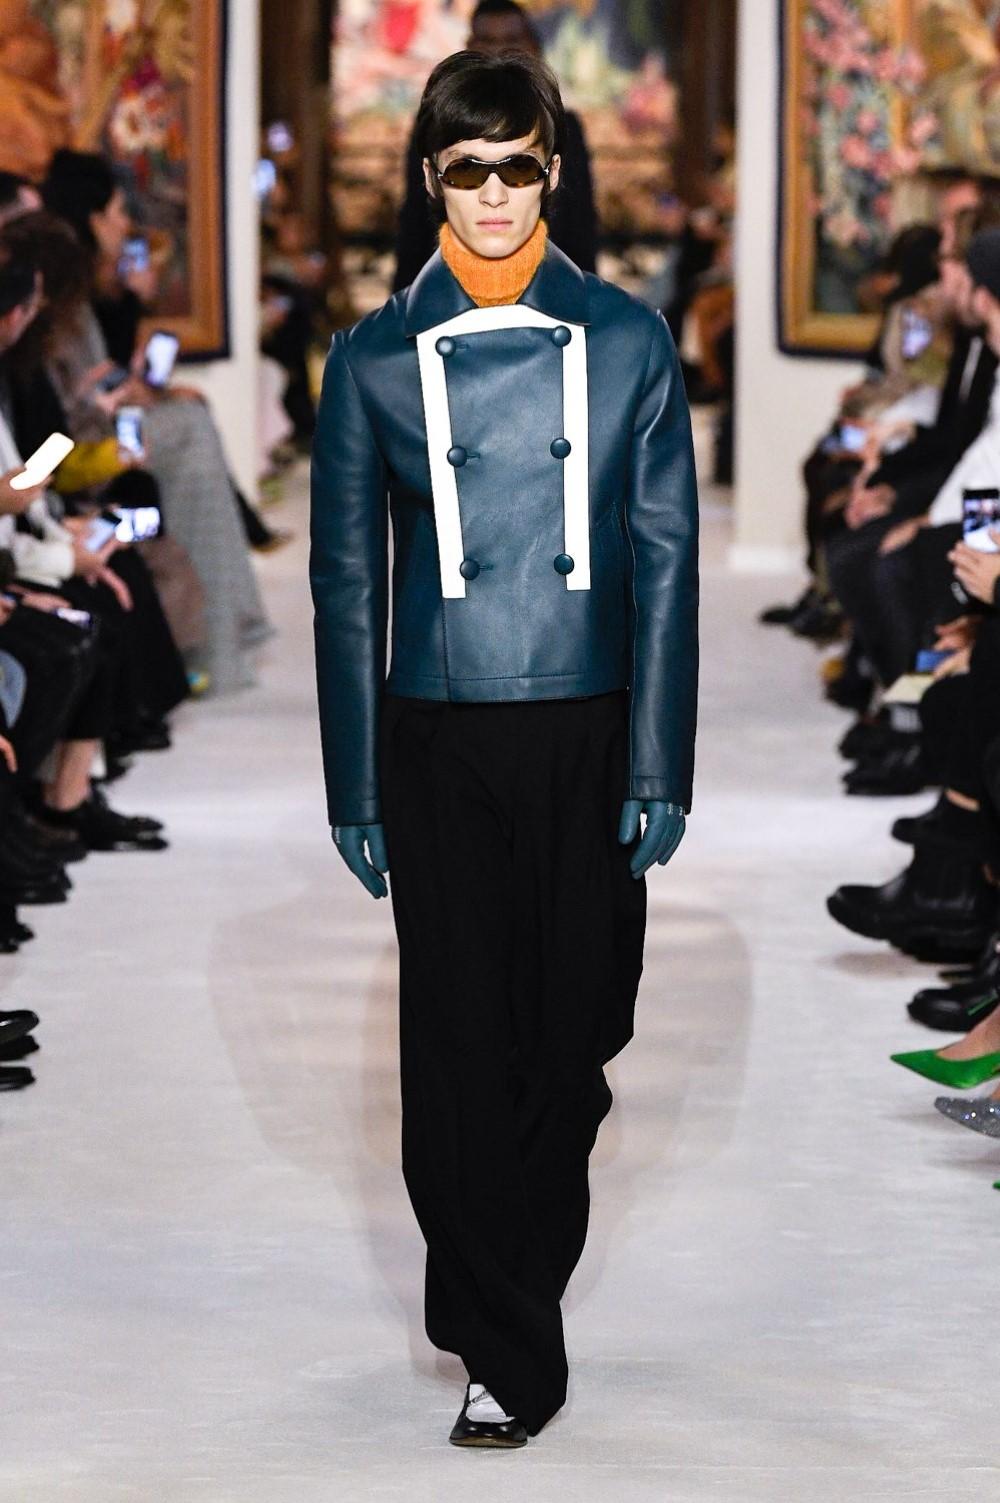 Lanvin Automne Hiver 2020 2021 Paris Fashion Week 6 1